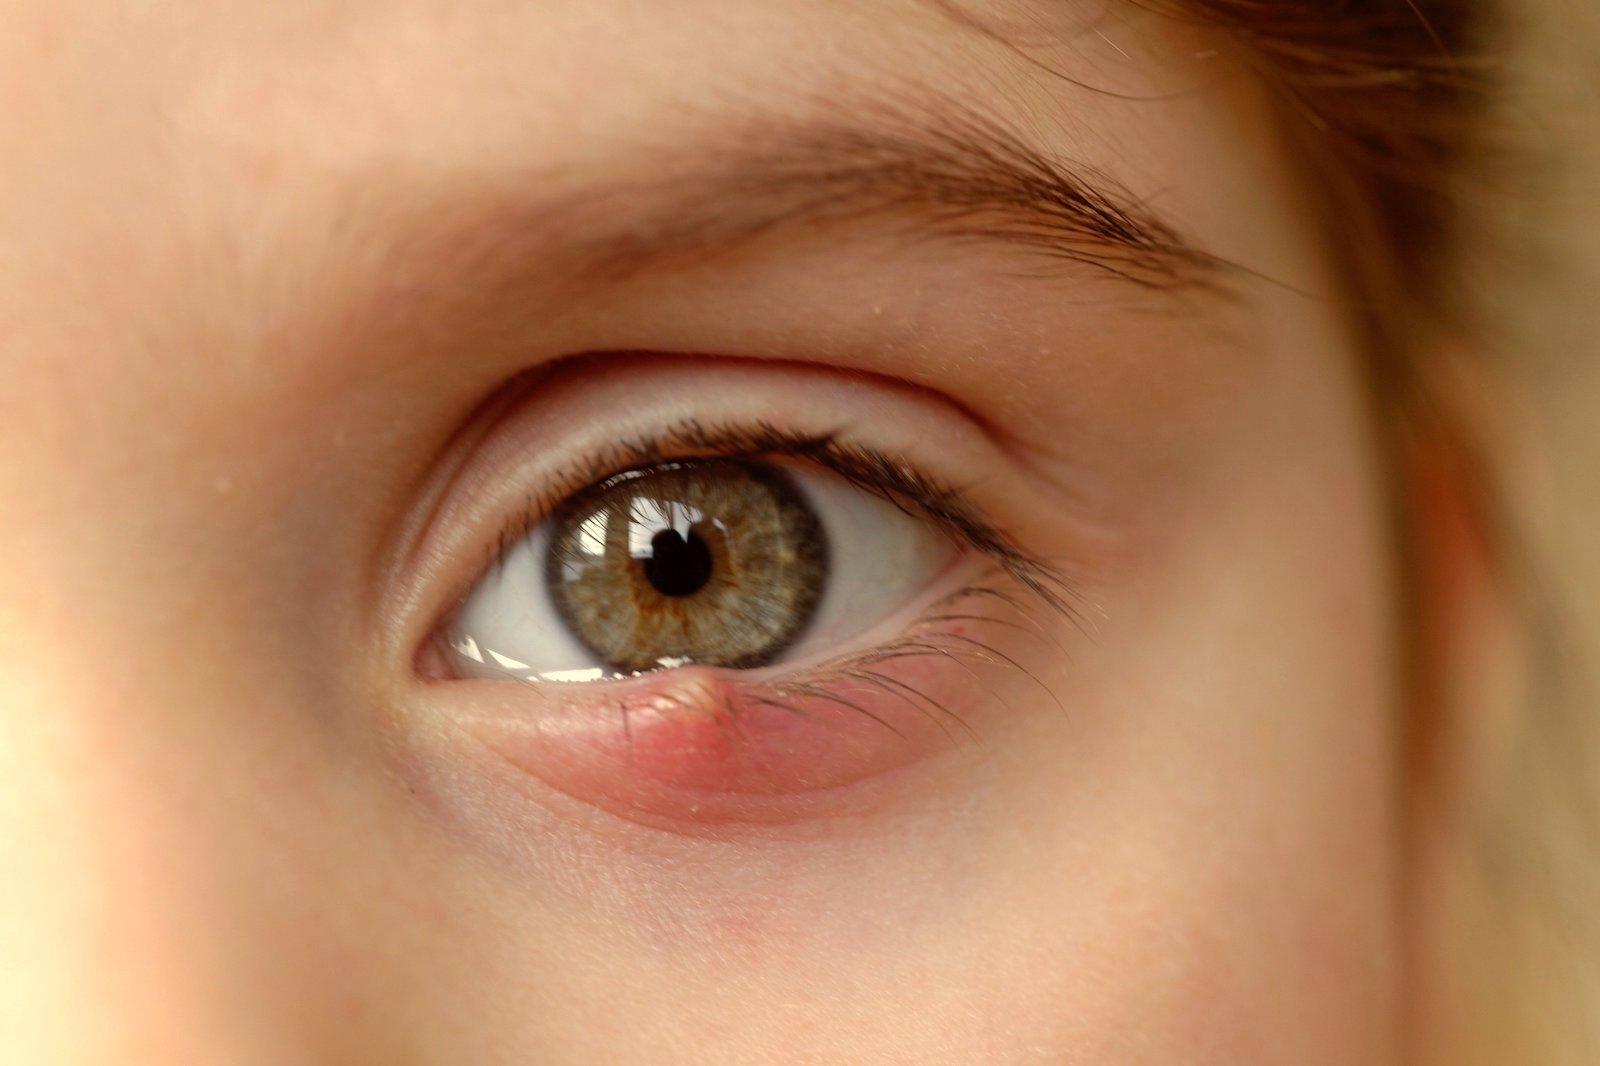 vindeca vederea cu picaturi